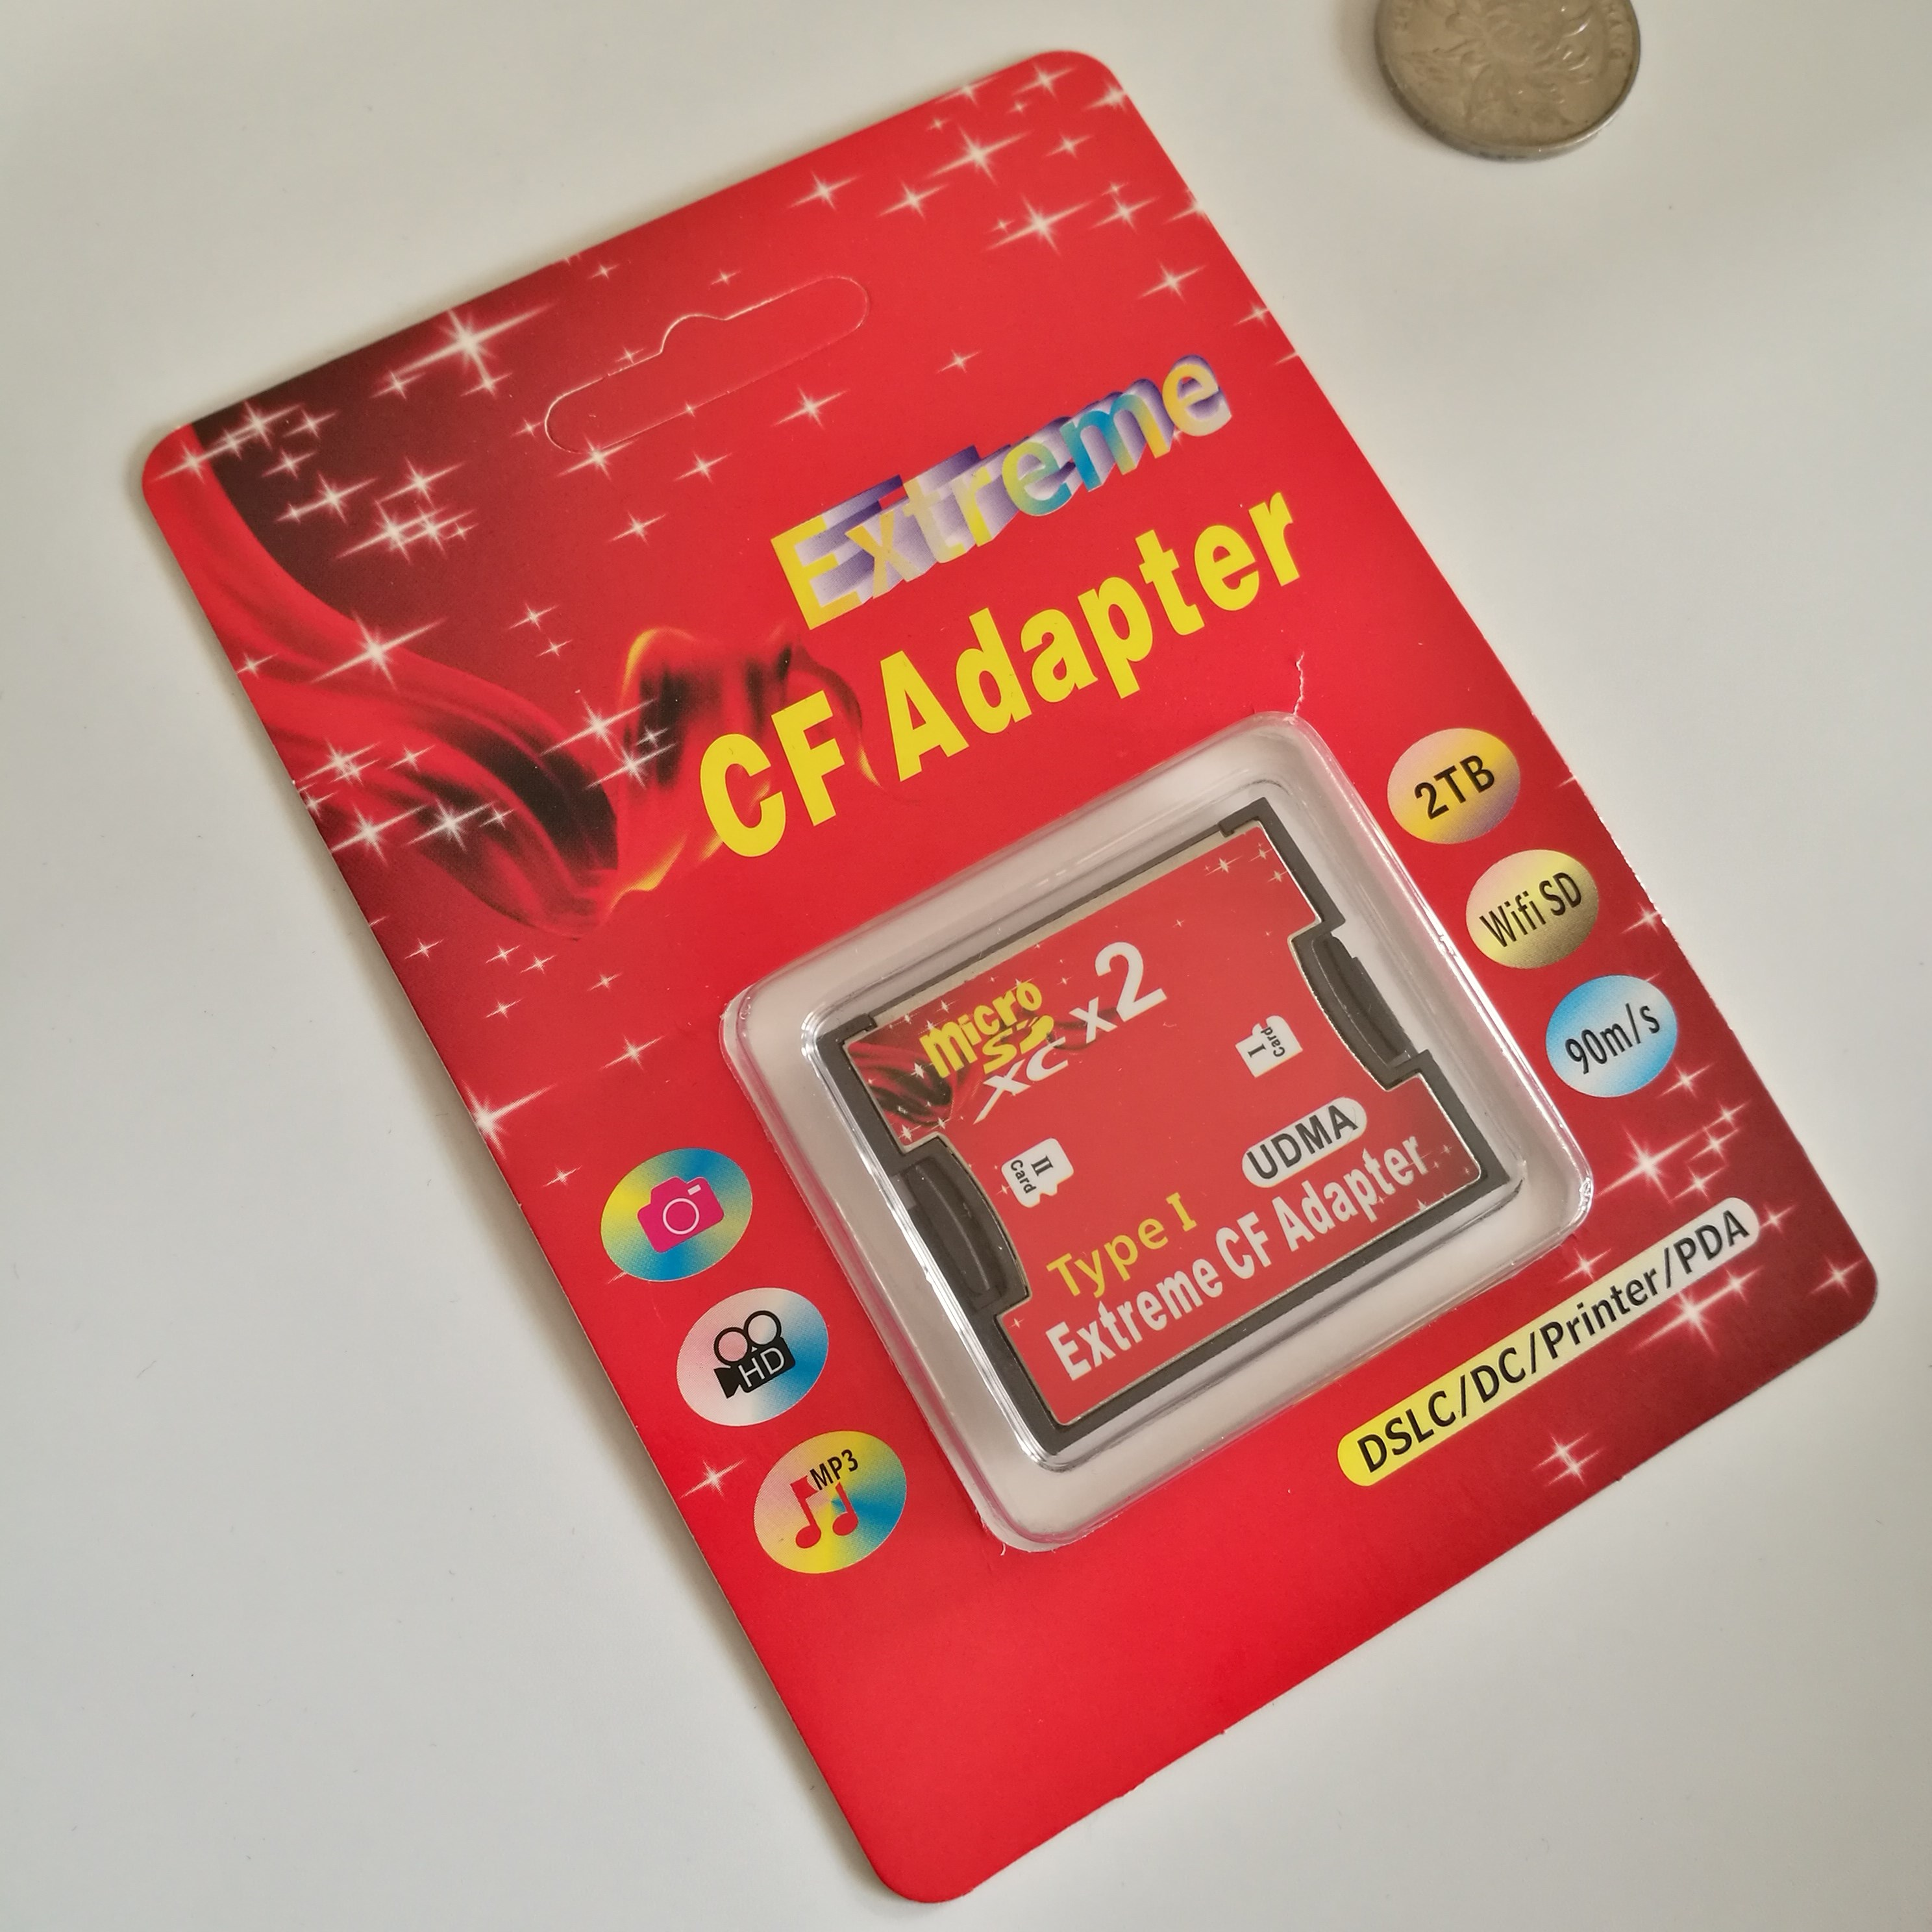 原装 micro sd转CF 卡套 双TF转CF卡套 支持SDXC  128GB CF卡